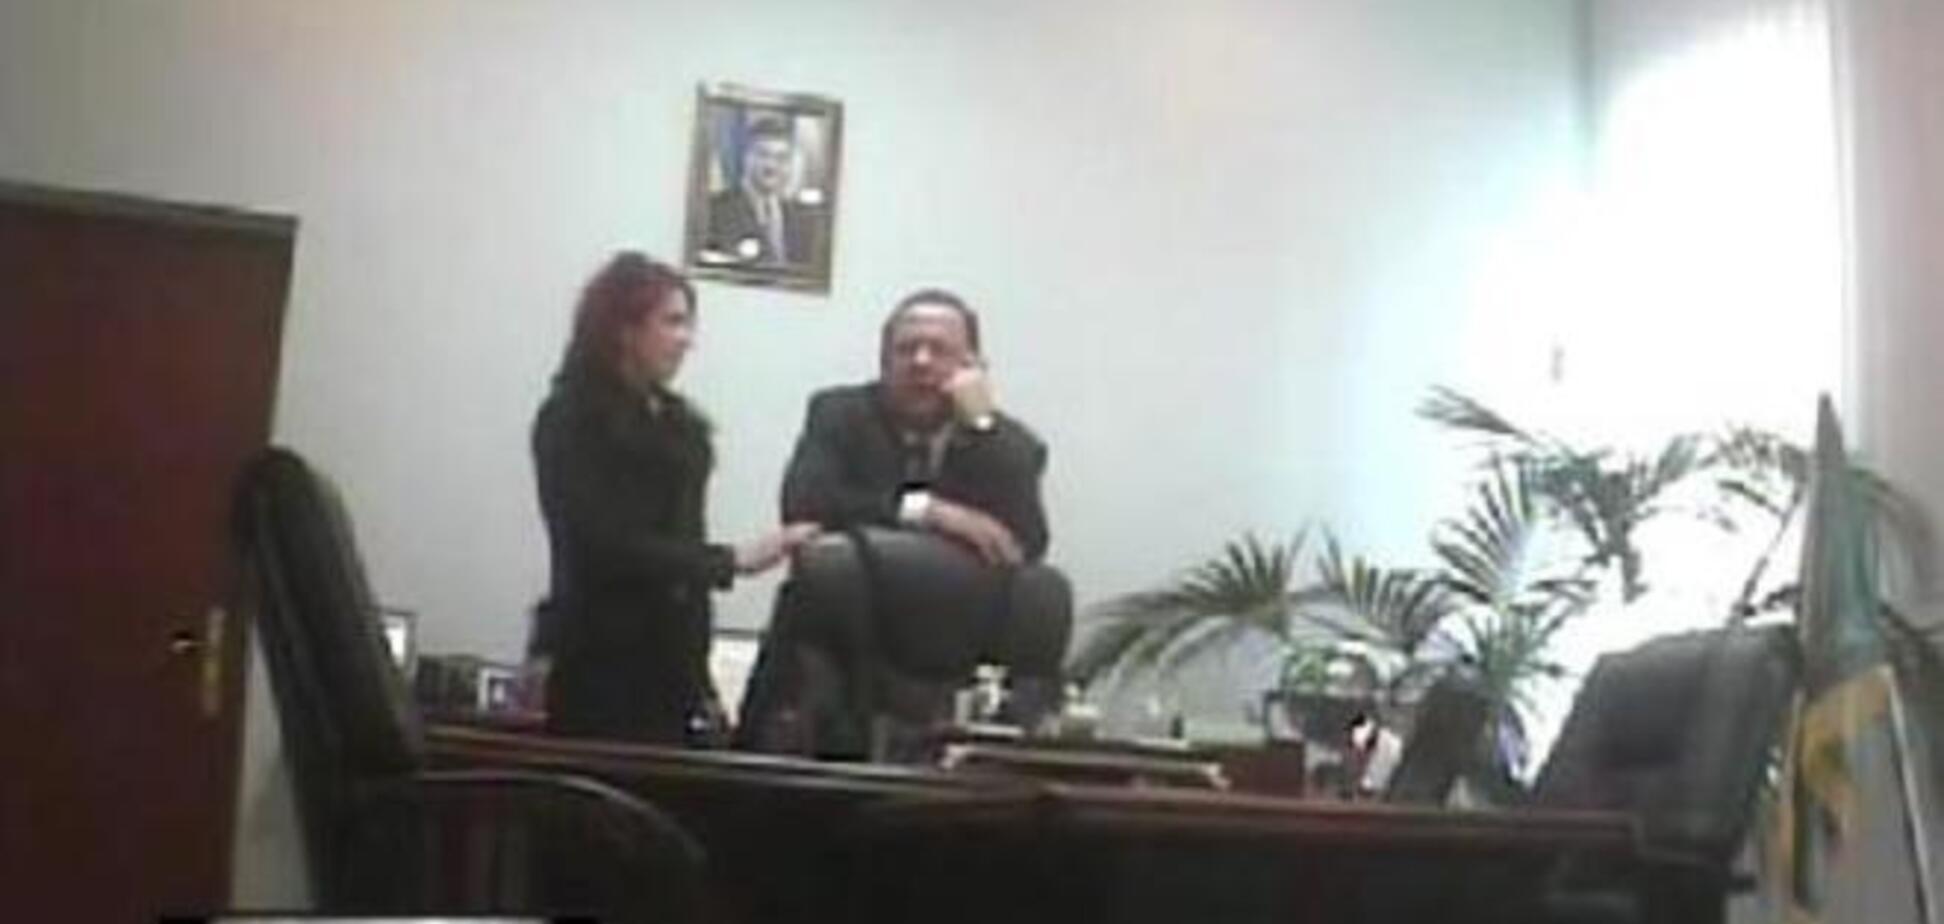 Появились подробности секс-скандала с экс-ректором Мельником